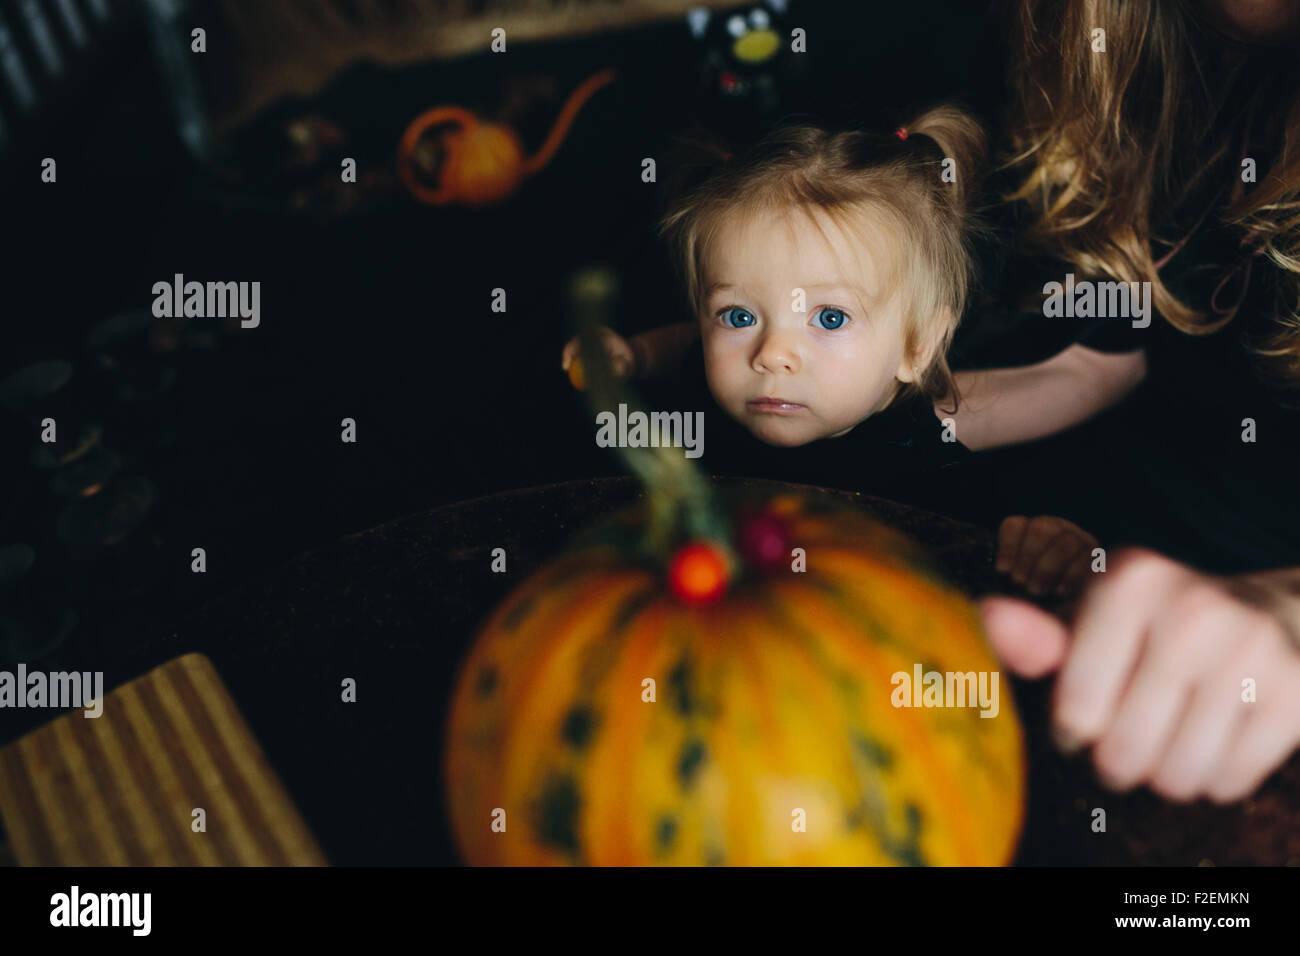 Petite fille jouant dans une sorcière Photo Stock